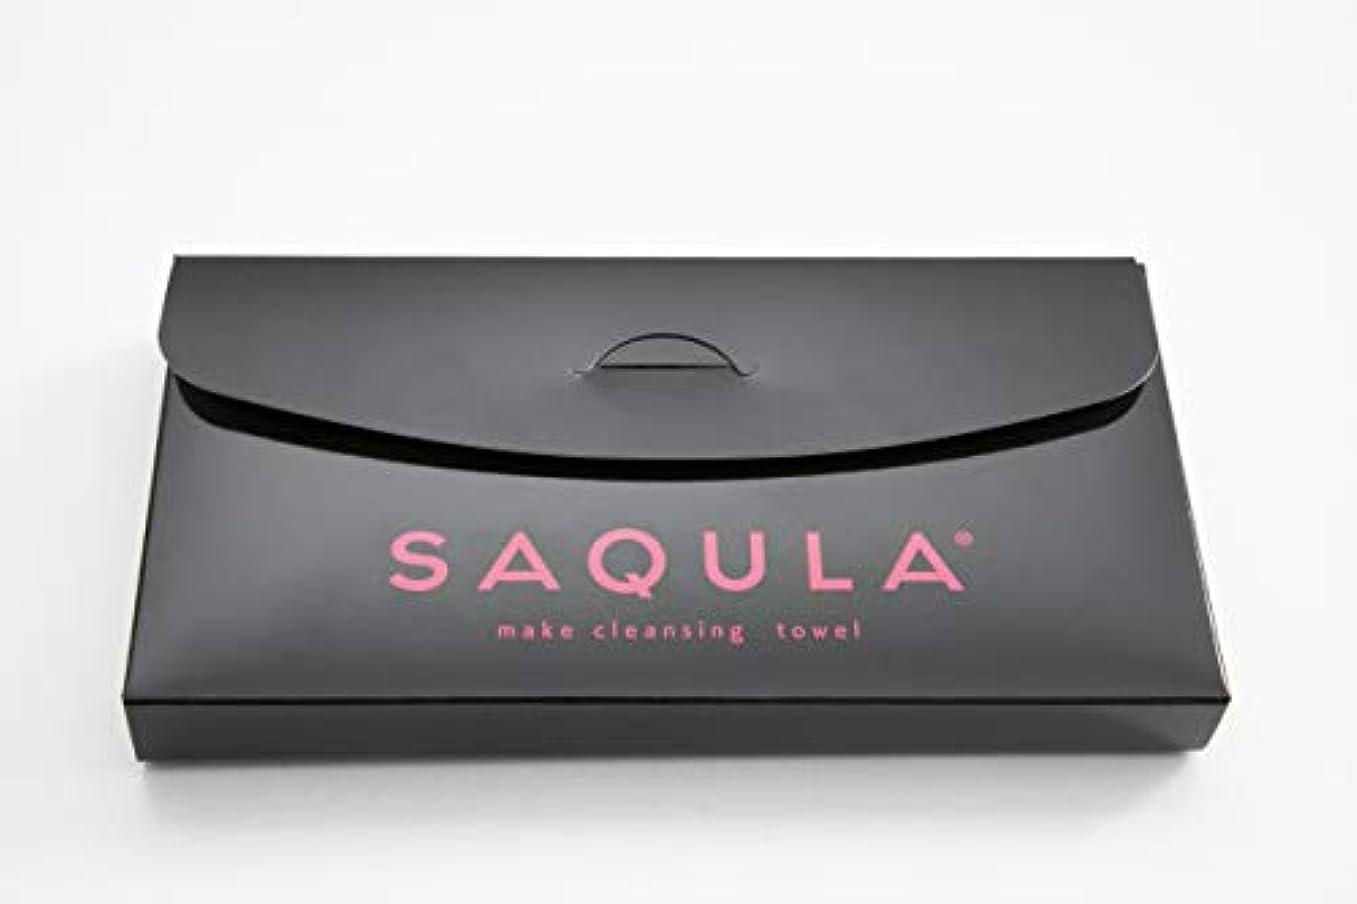 火それにもかかわらず早熟SAQULA クレンジングタオル ピンク テレビで紹介された 水に濡らして拭くだけで簡単にメイクが落とせるクレンジングタオル